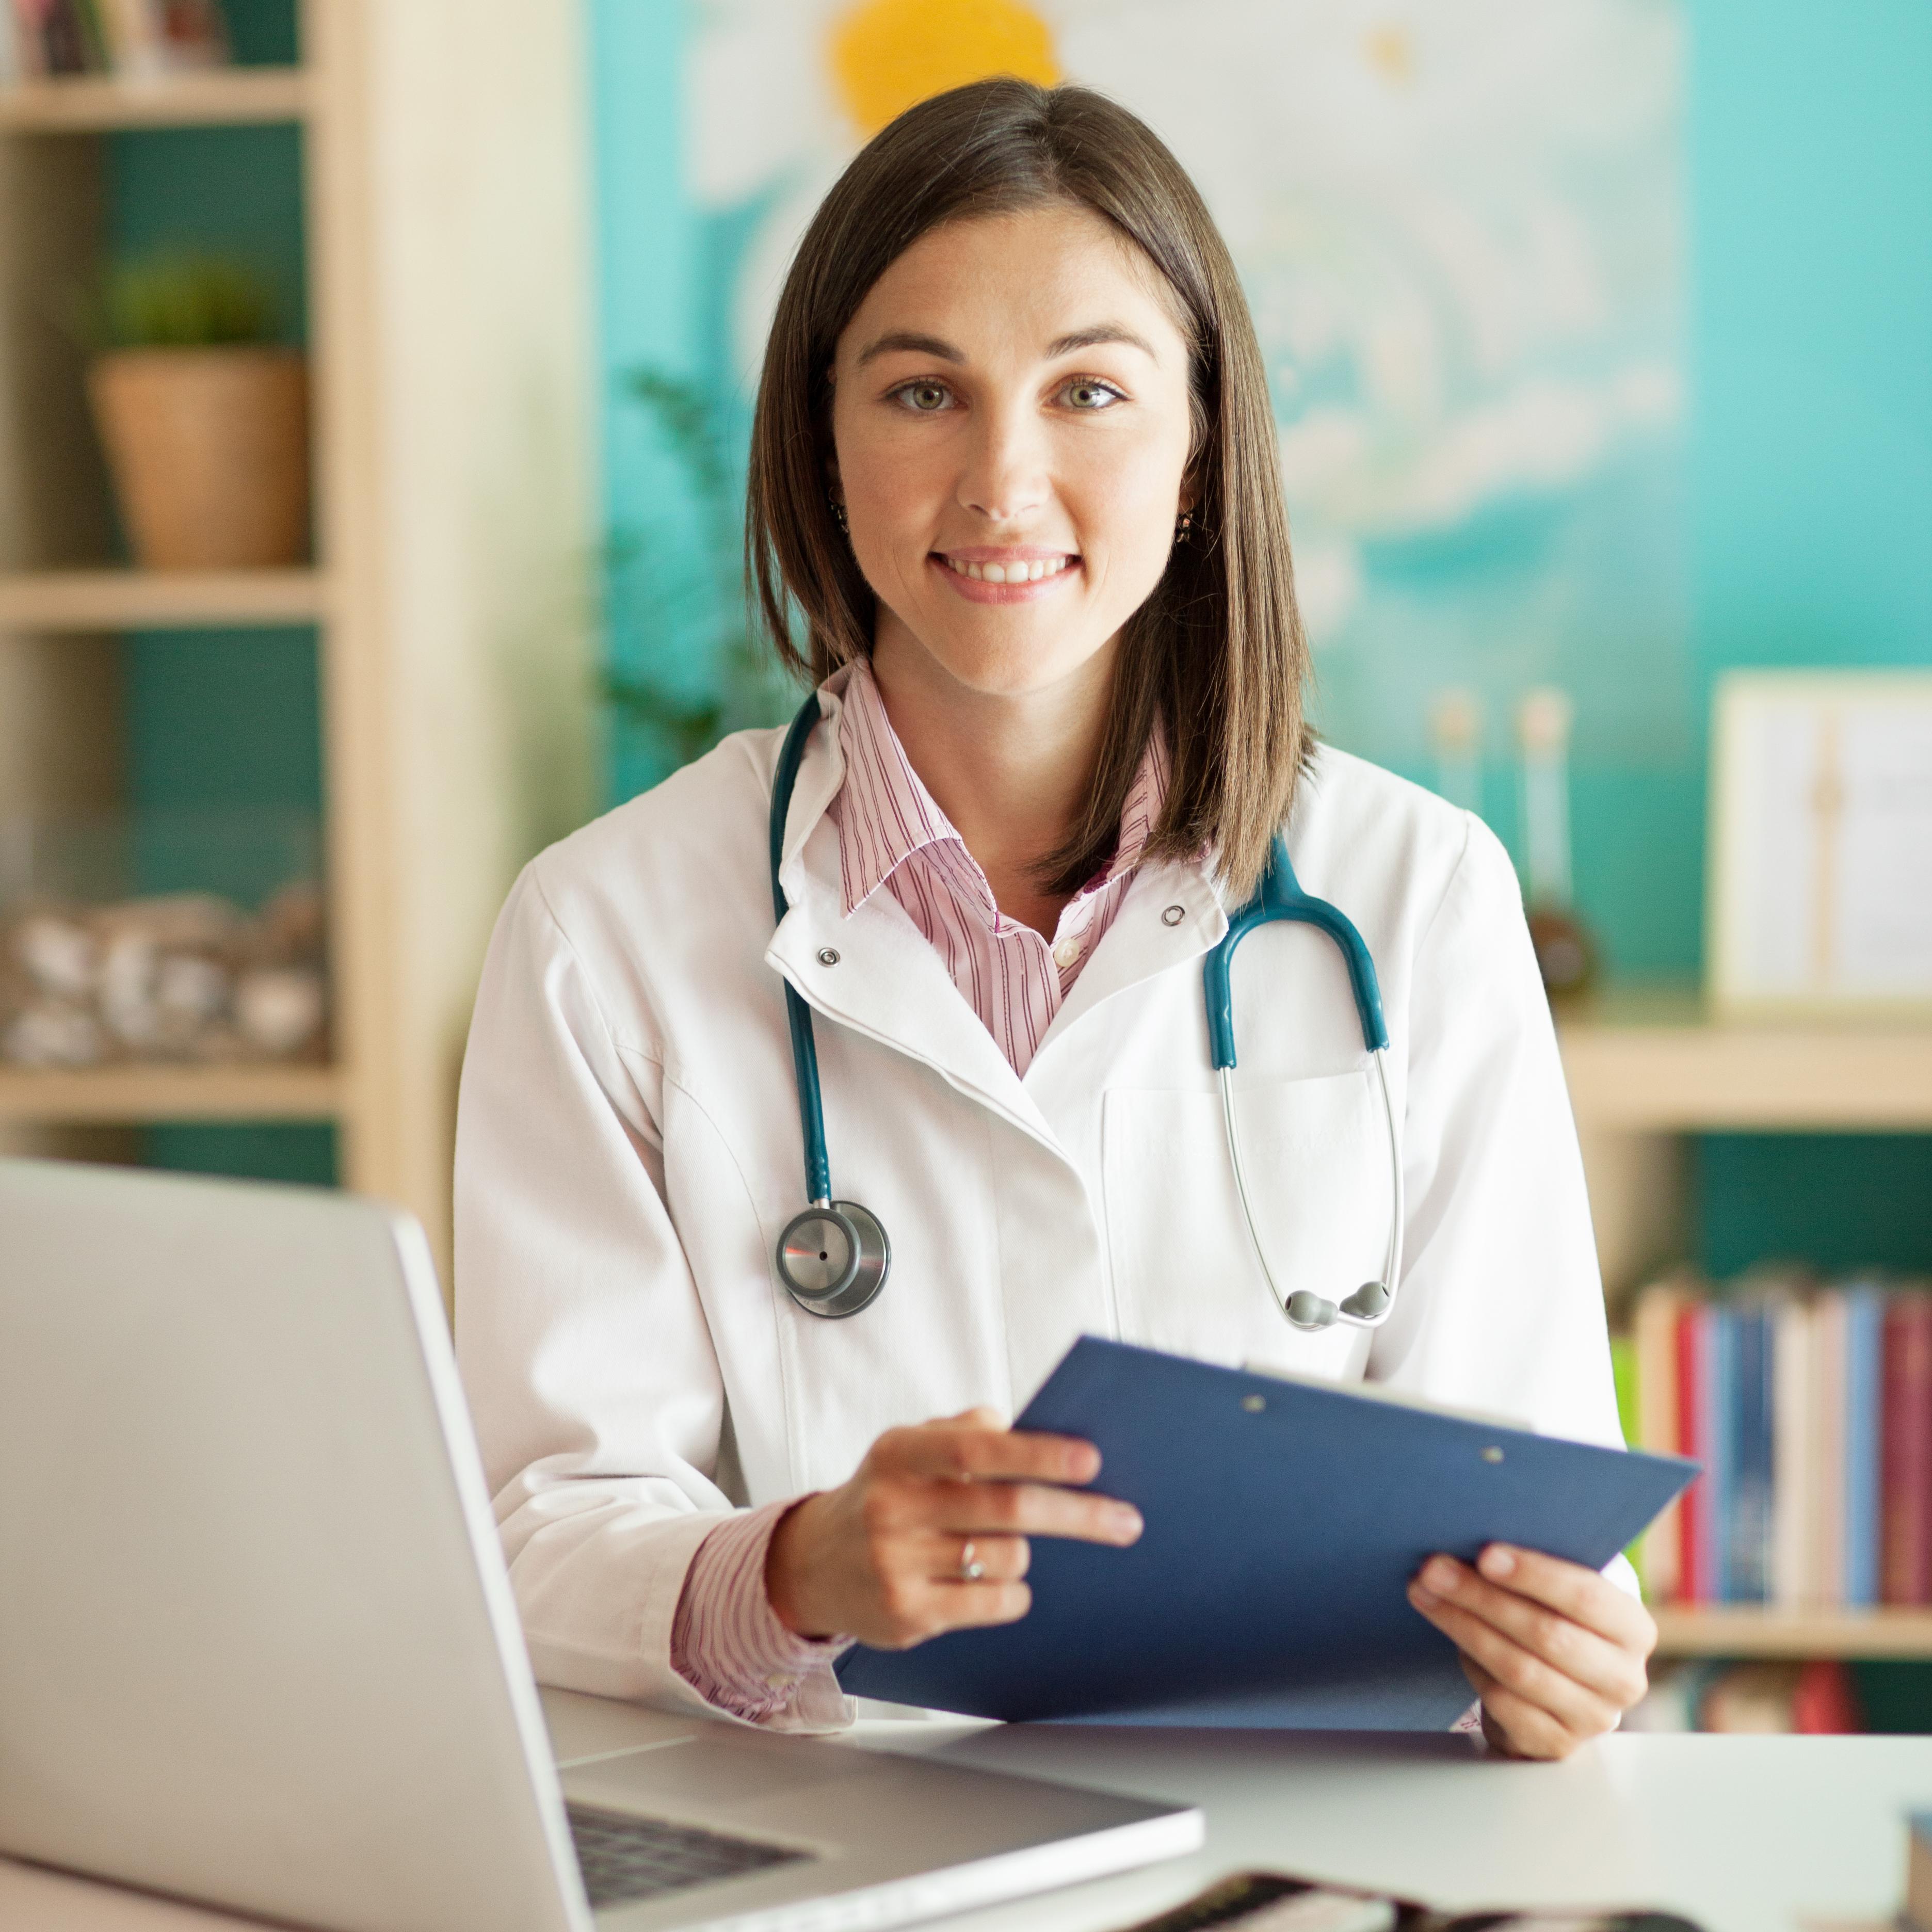 nurse_folder and laptop